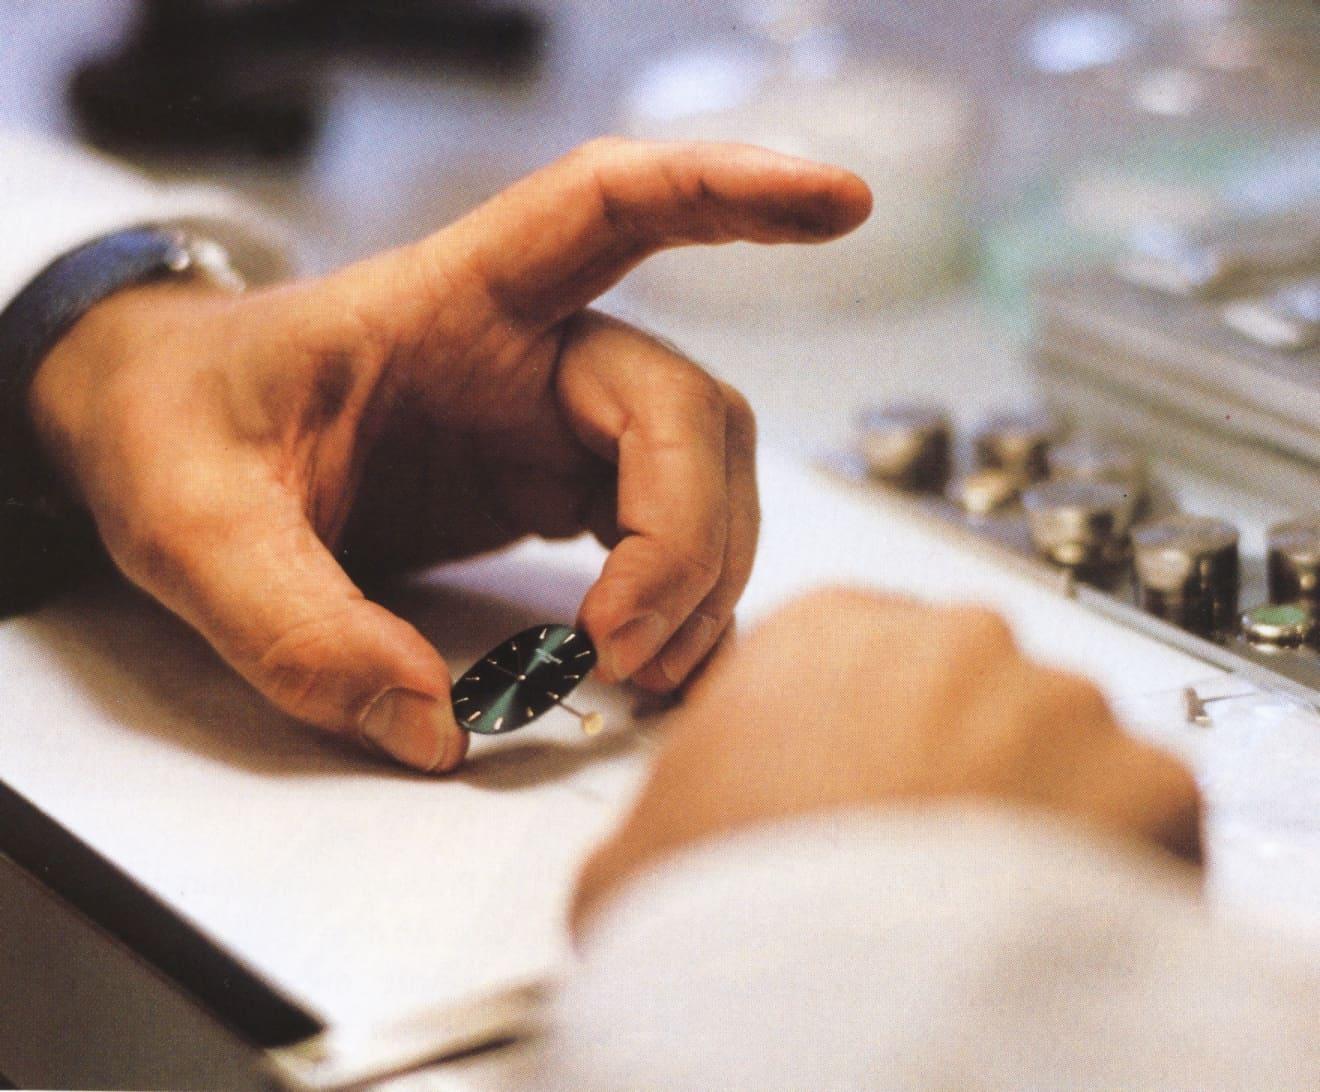 Qualität, Handarbeit und permanente Kontrolle sind die Basis - laufende Innovation im Werkbau ist die Kür